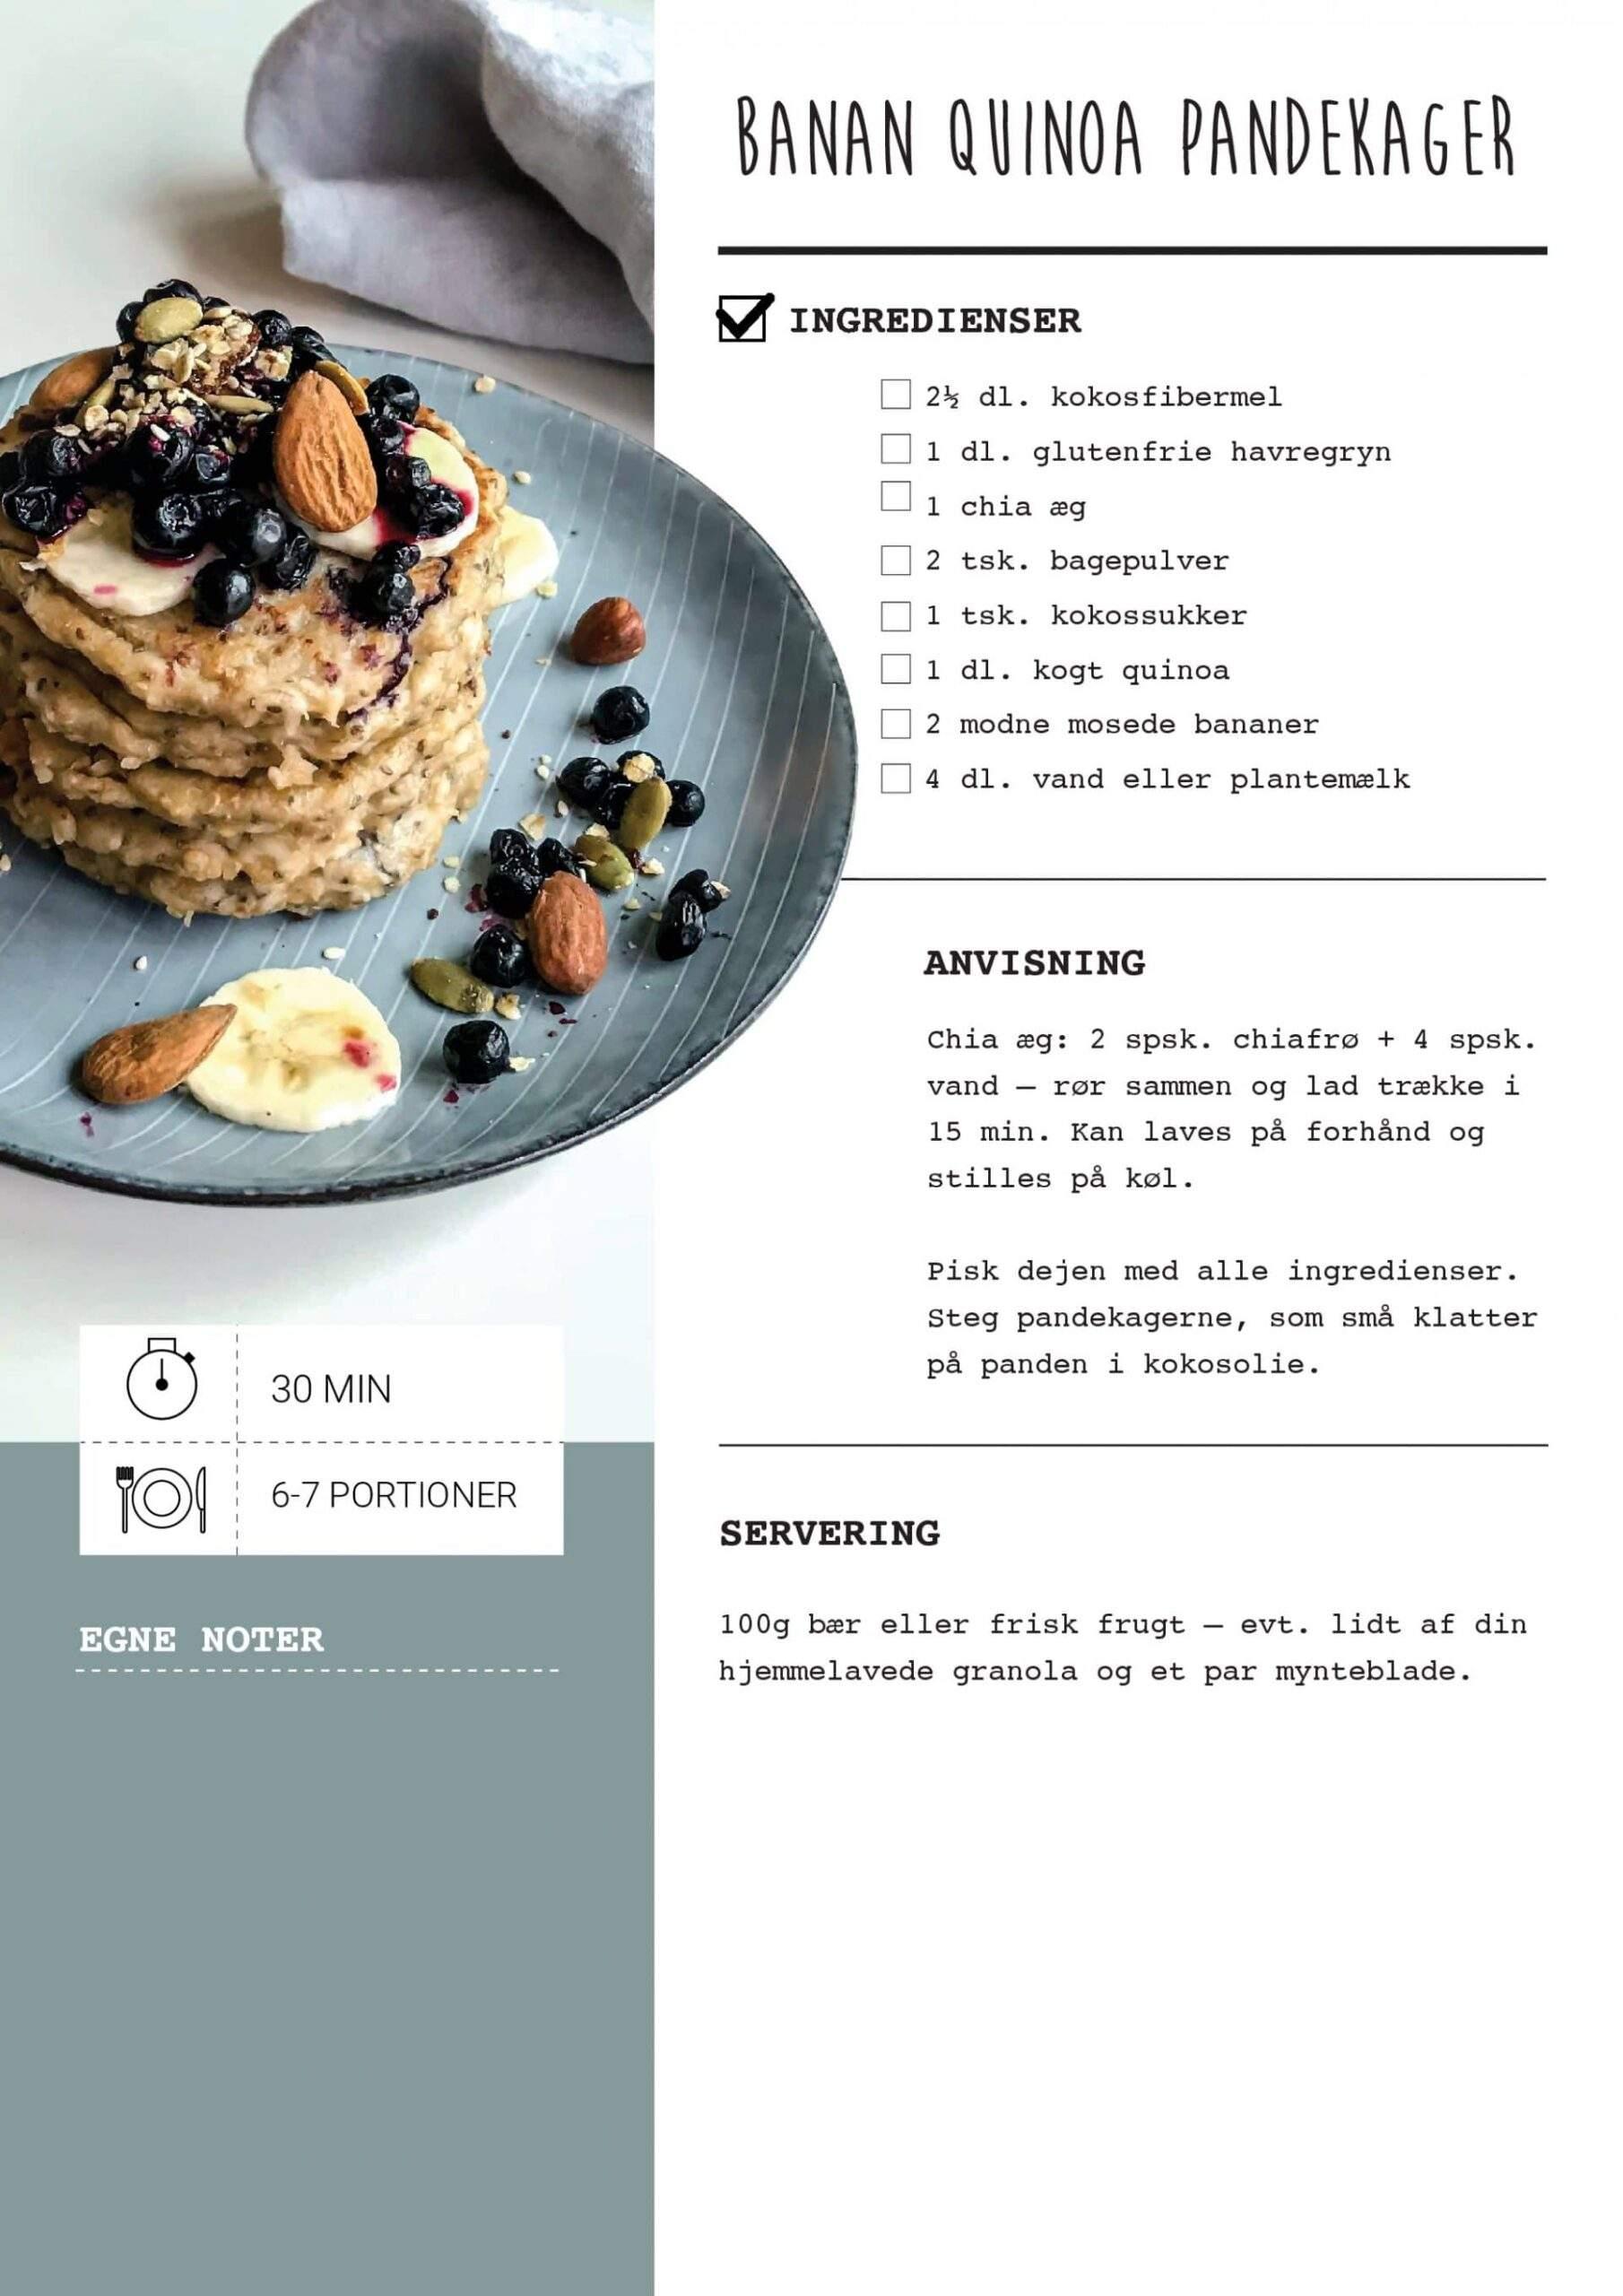 bannan quinoa pandekager opskrift